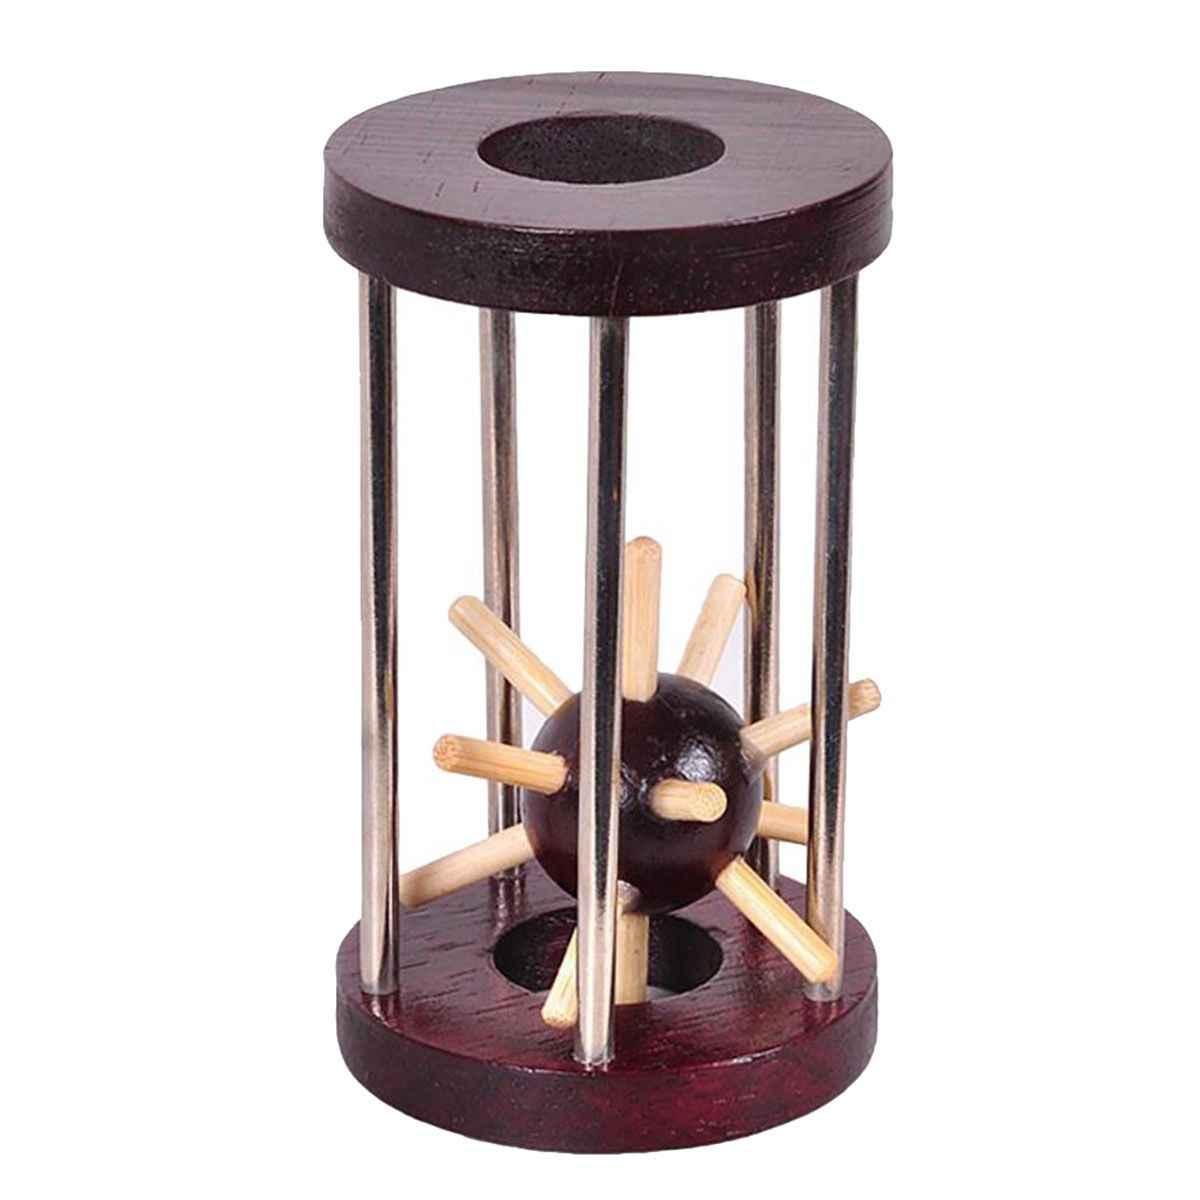 ABWE лучшие продажи деревянные tetrakaidahedron Блокировка логическая головоломка заусенцы головоломки интеллектуальное удаление игрушка